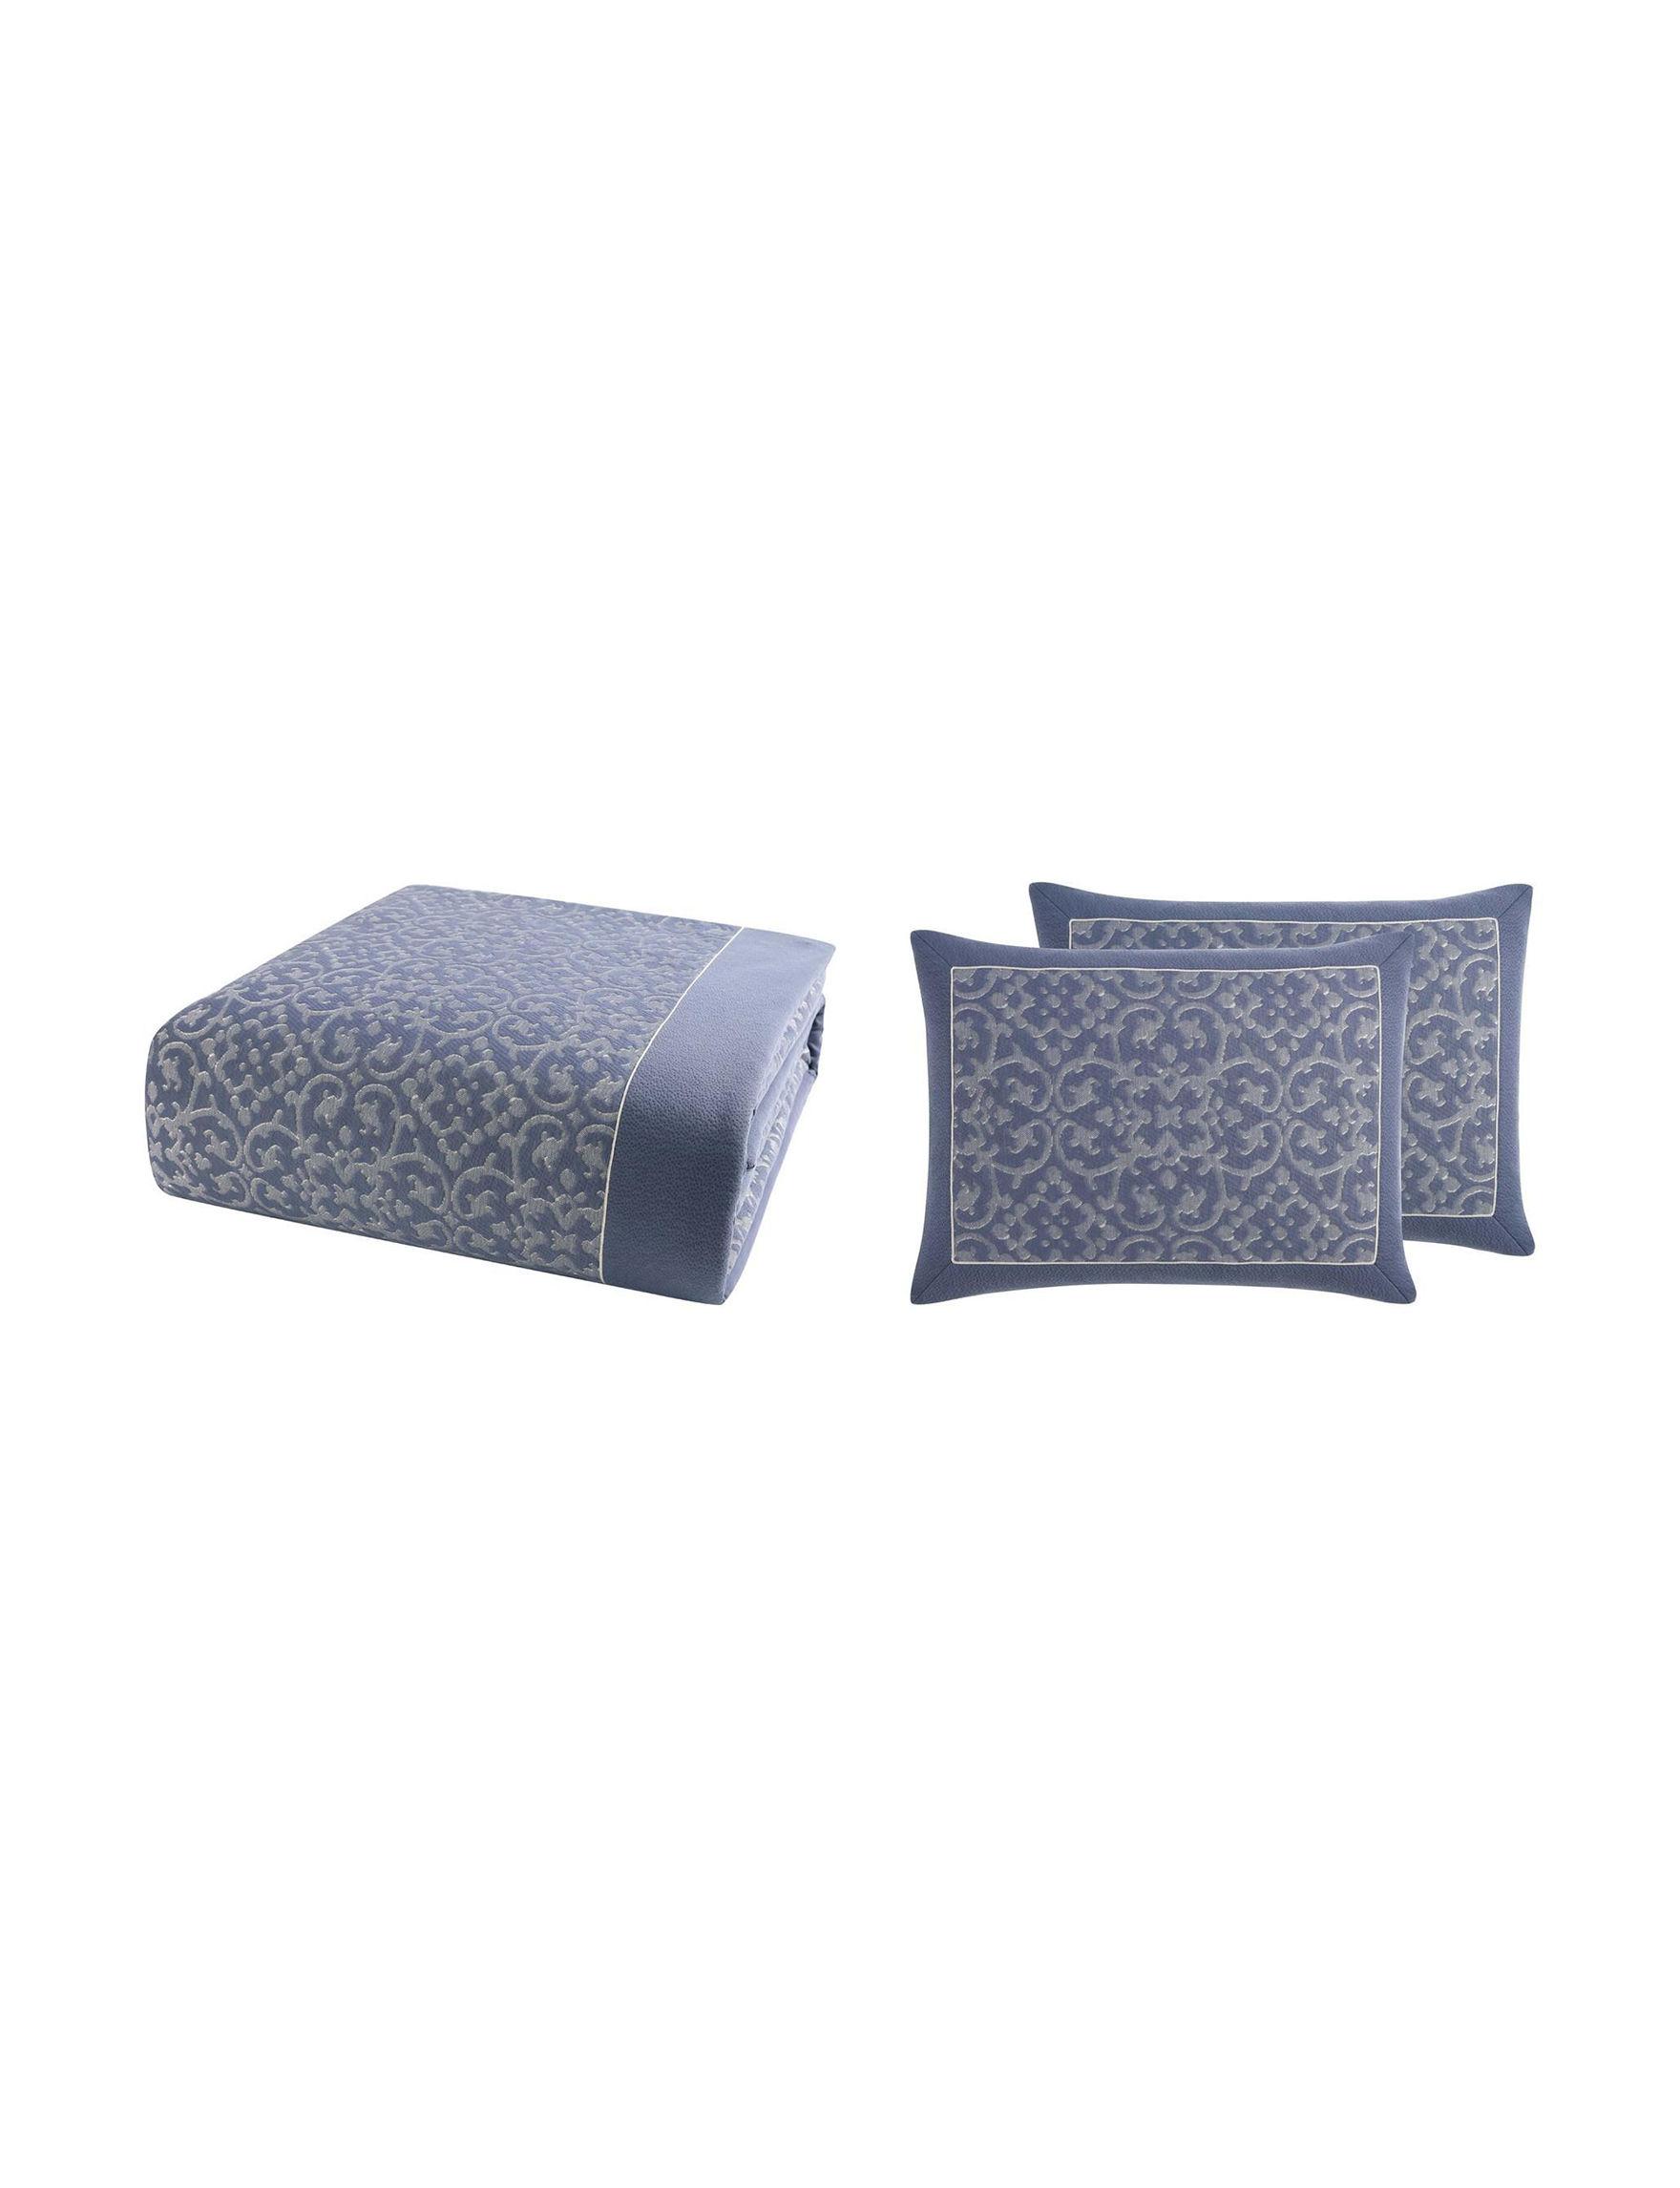 Charisma Blue / Silver Duvet Duvets & Duvet Sets